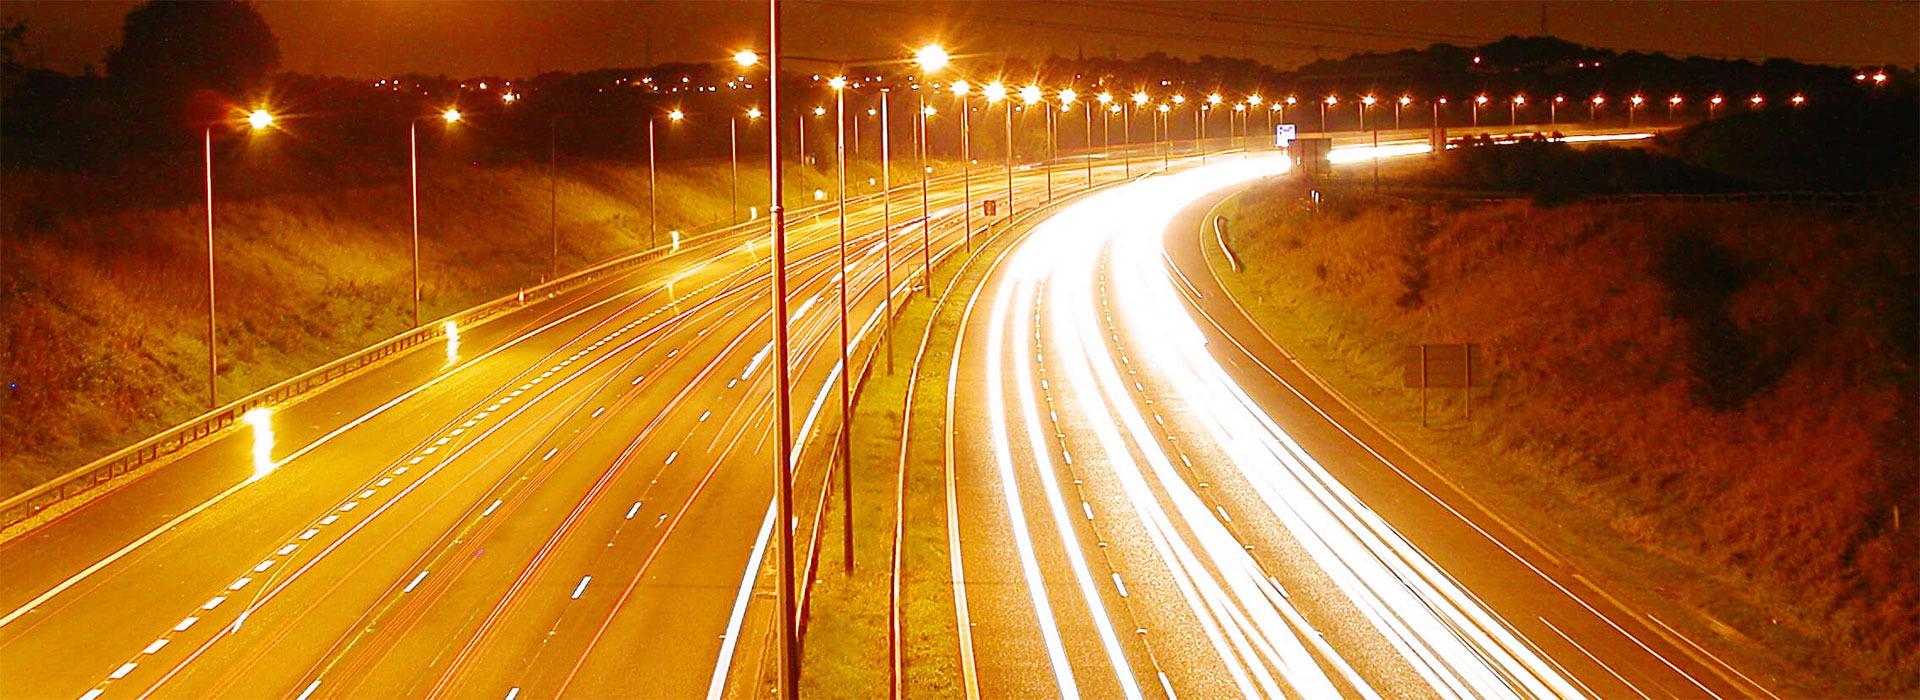 Slider LED Street Lighting